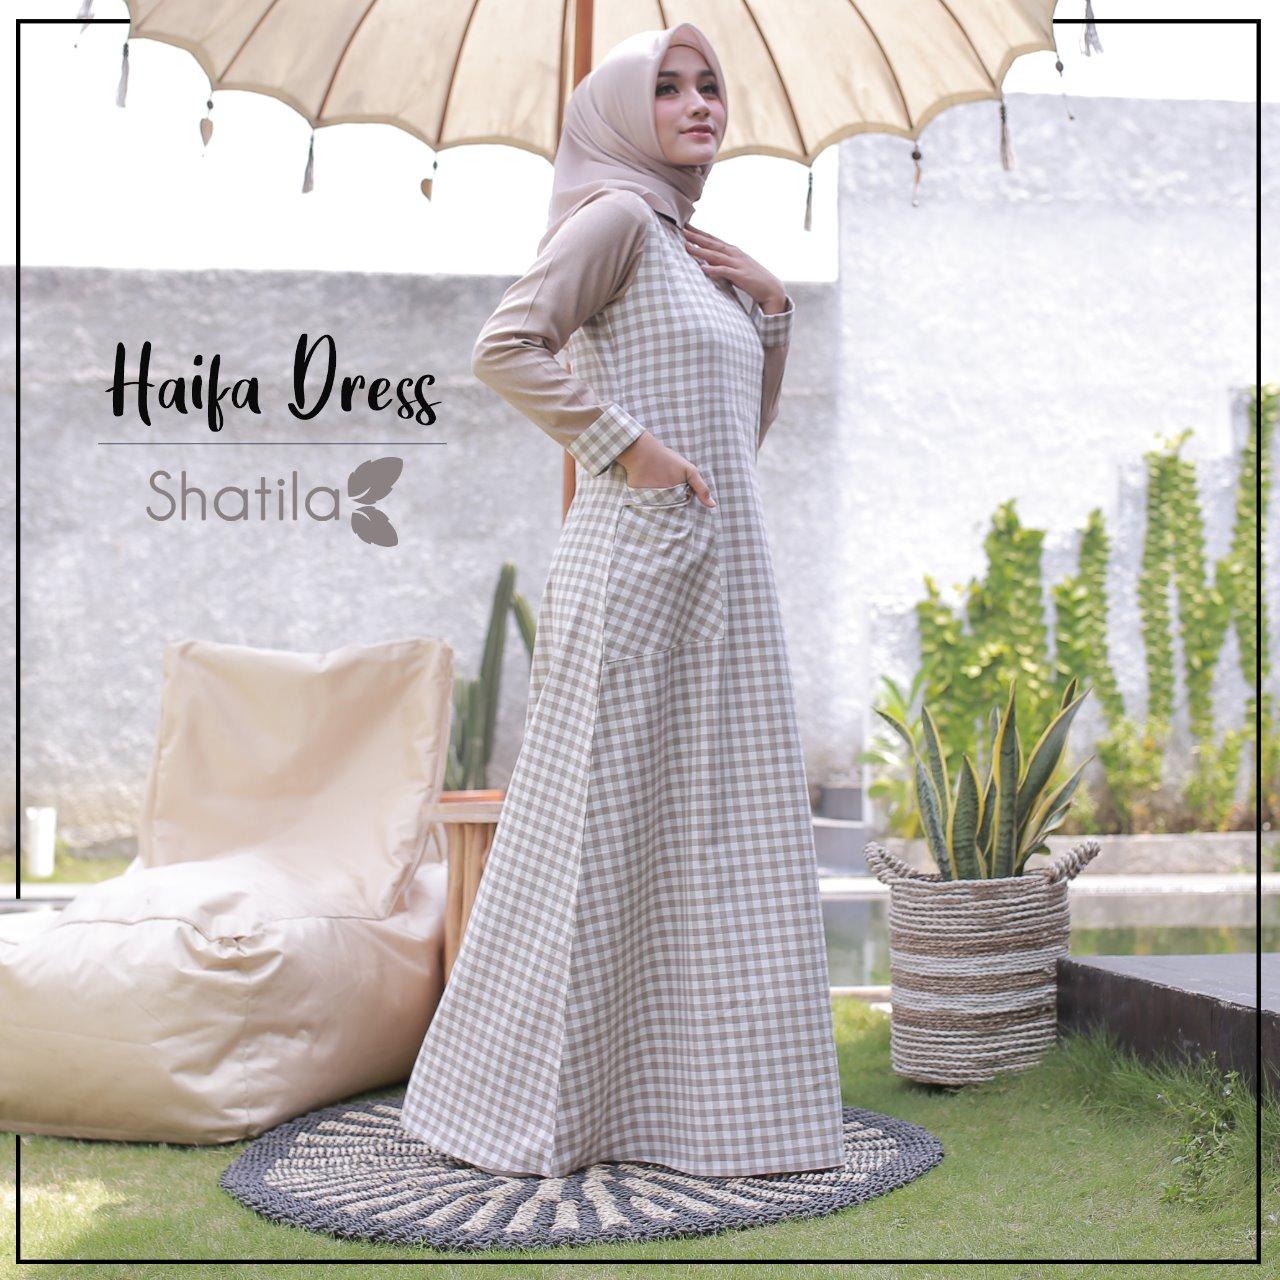 Haifa Dress